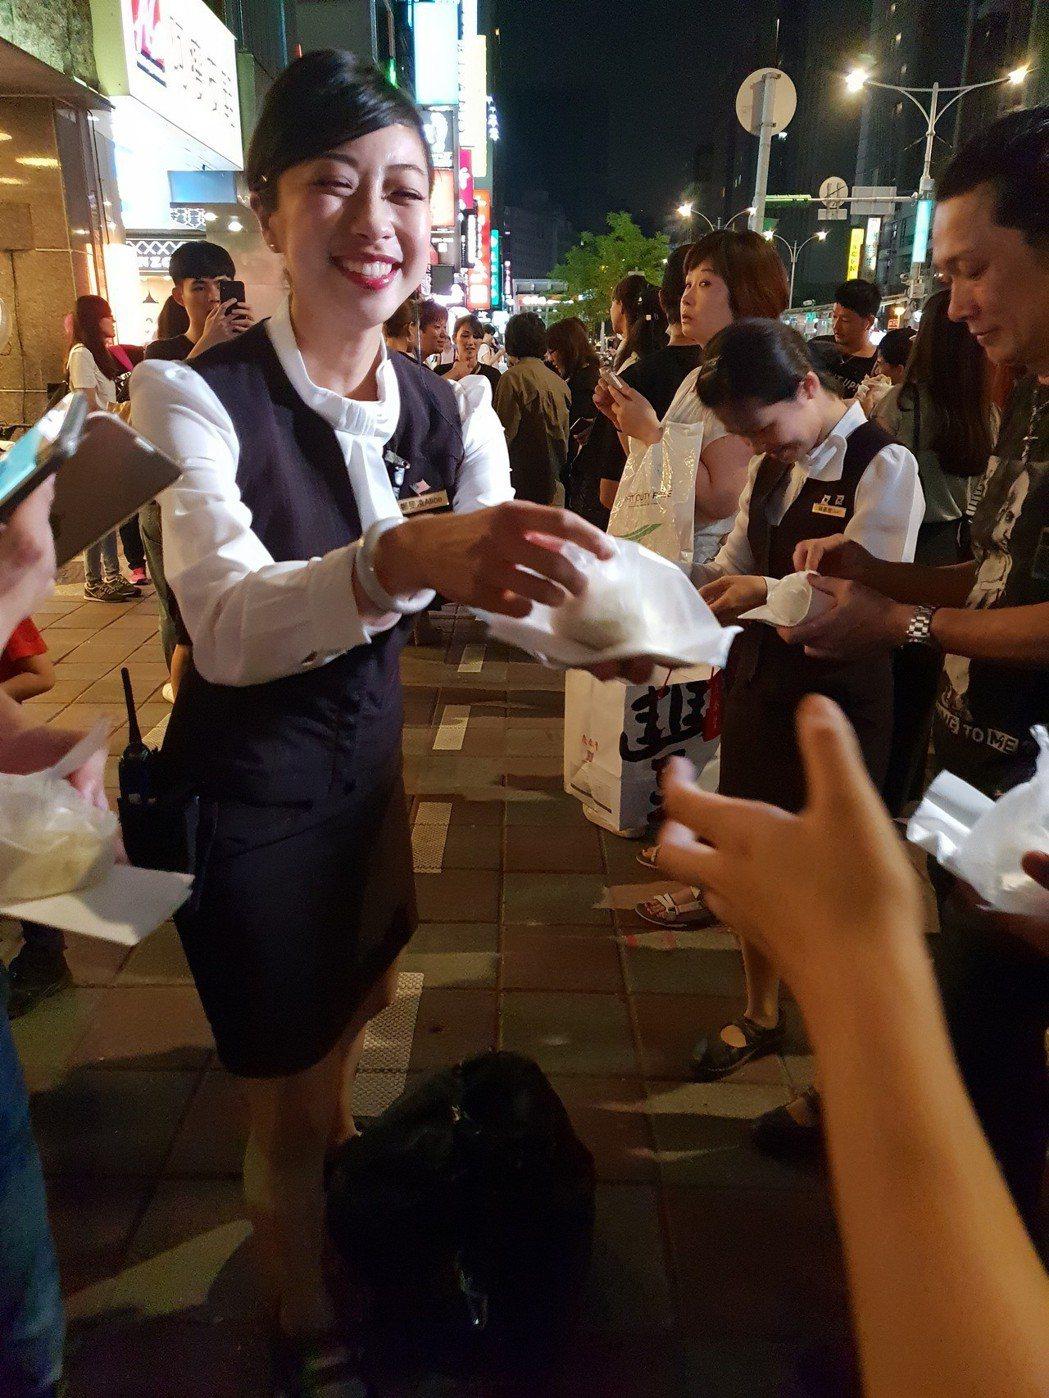 美麗店員分發包子,引發路人圍觀。記者李姿瑩/報導